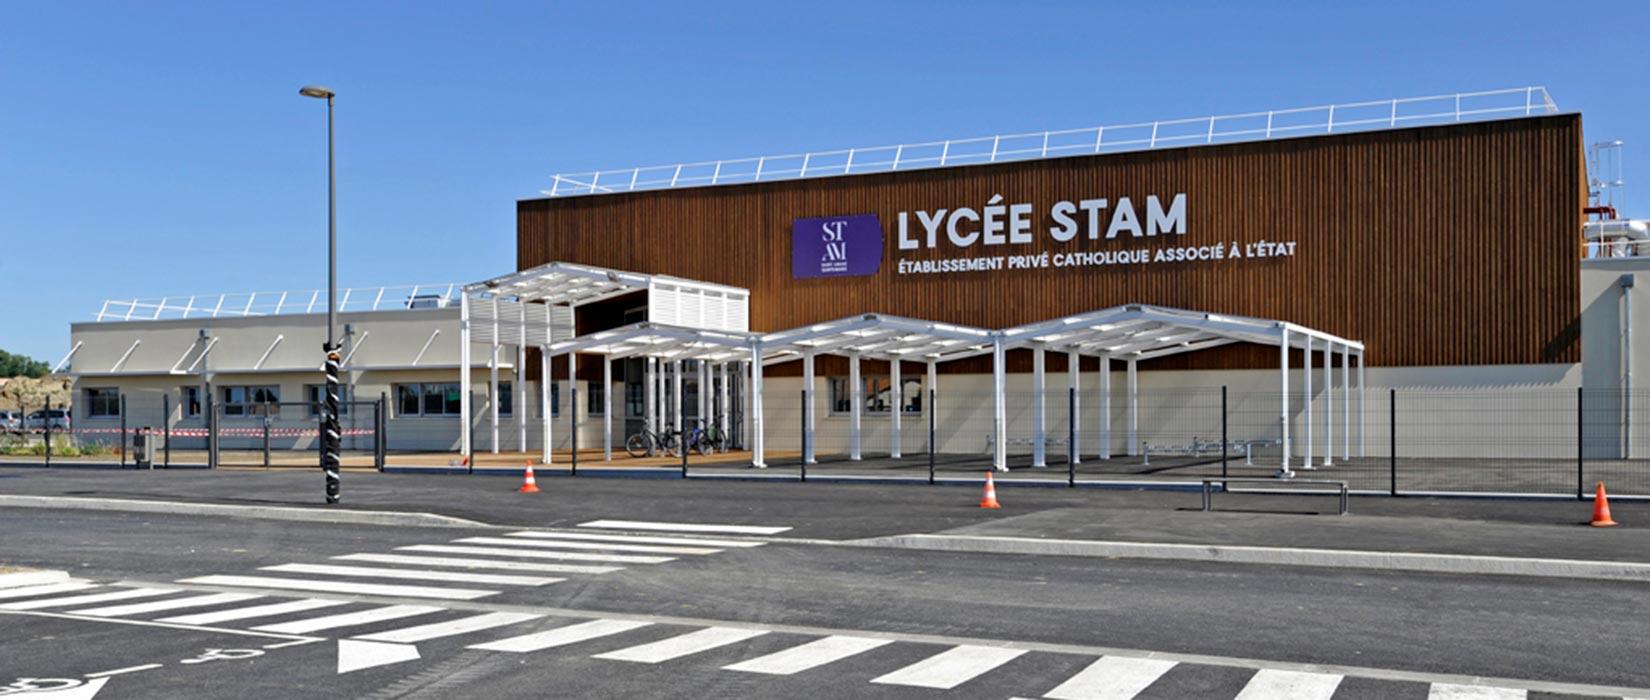 LYCEE-STAM-1